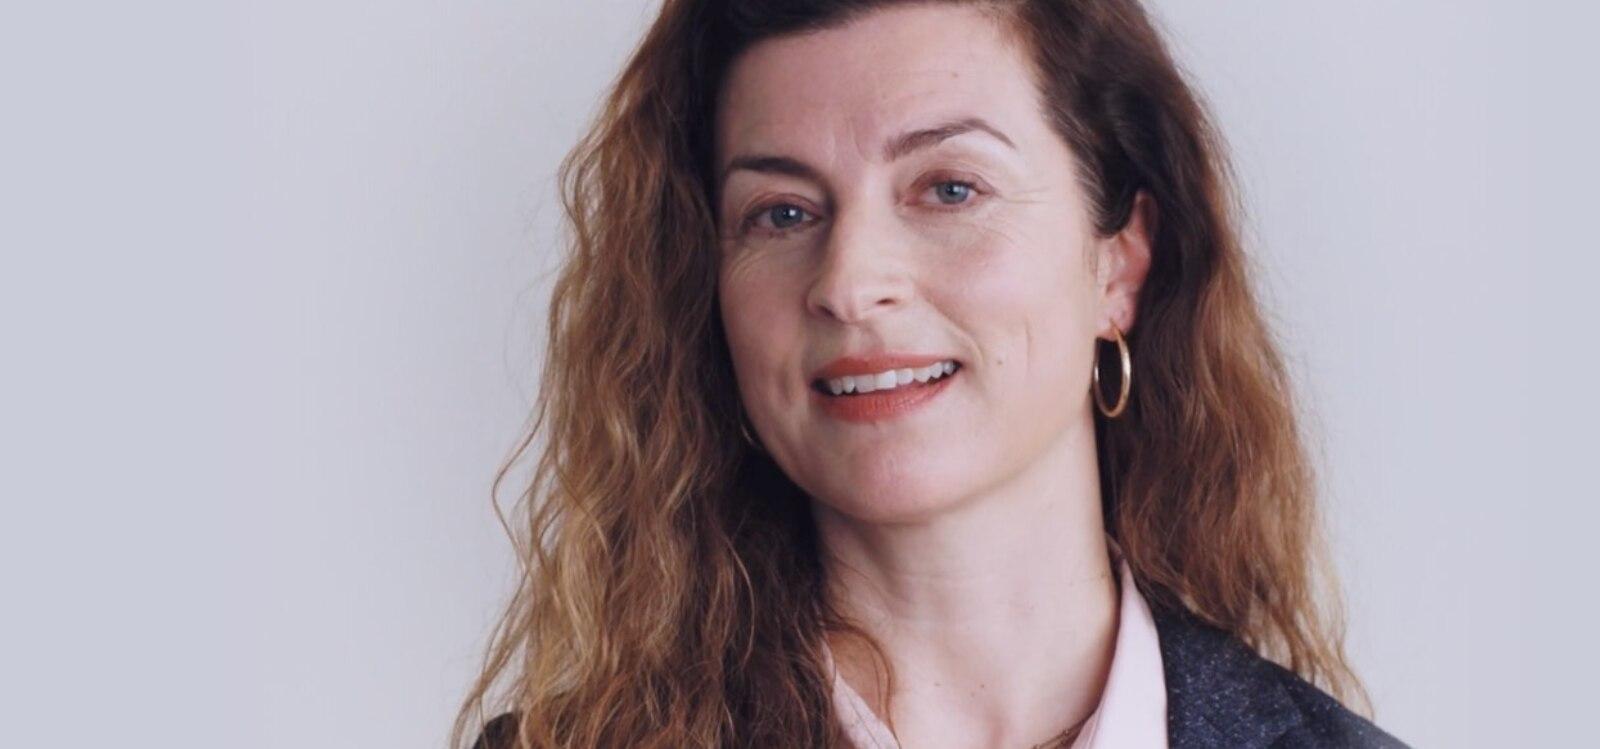 Bild einer weißen Frau mit langem, braunem Haar, die lächelnd in die Kamera blickt. Grauer Hintergrund.